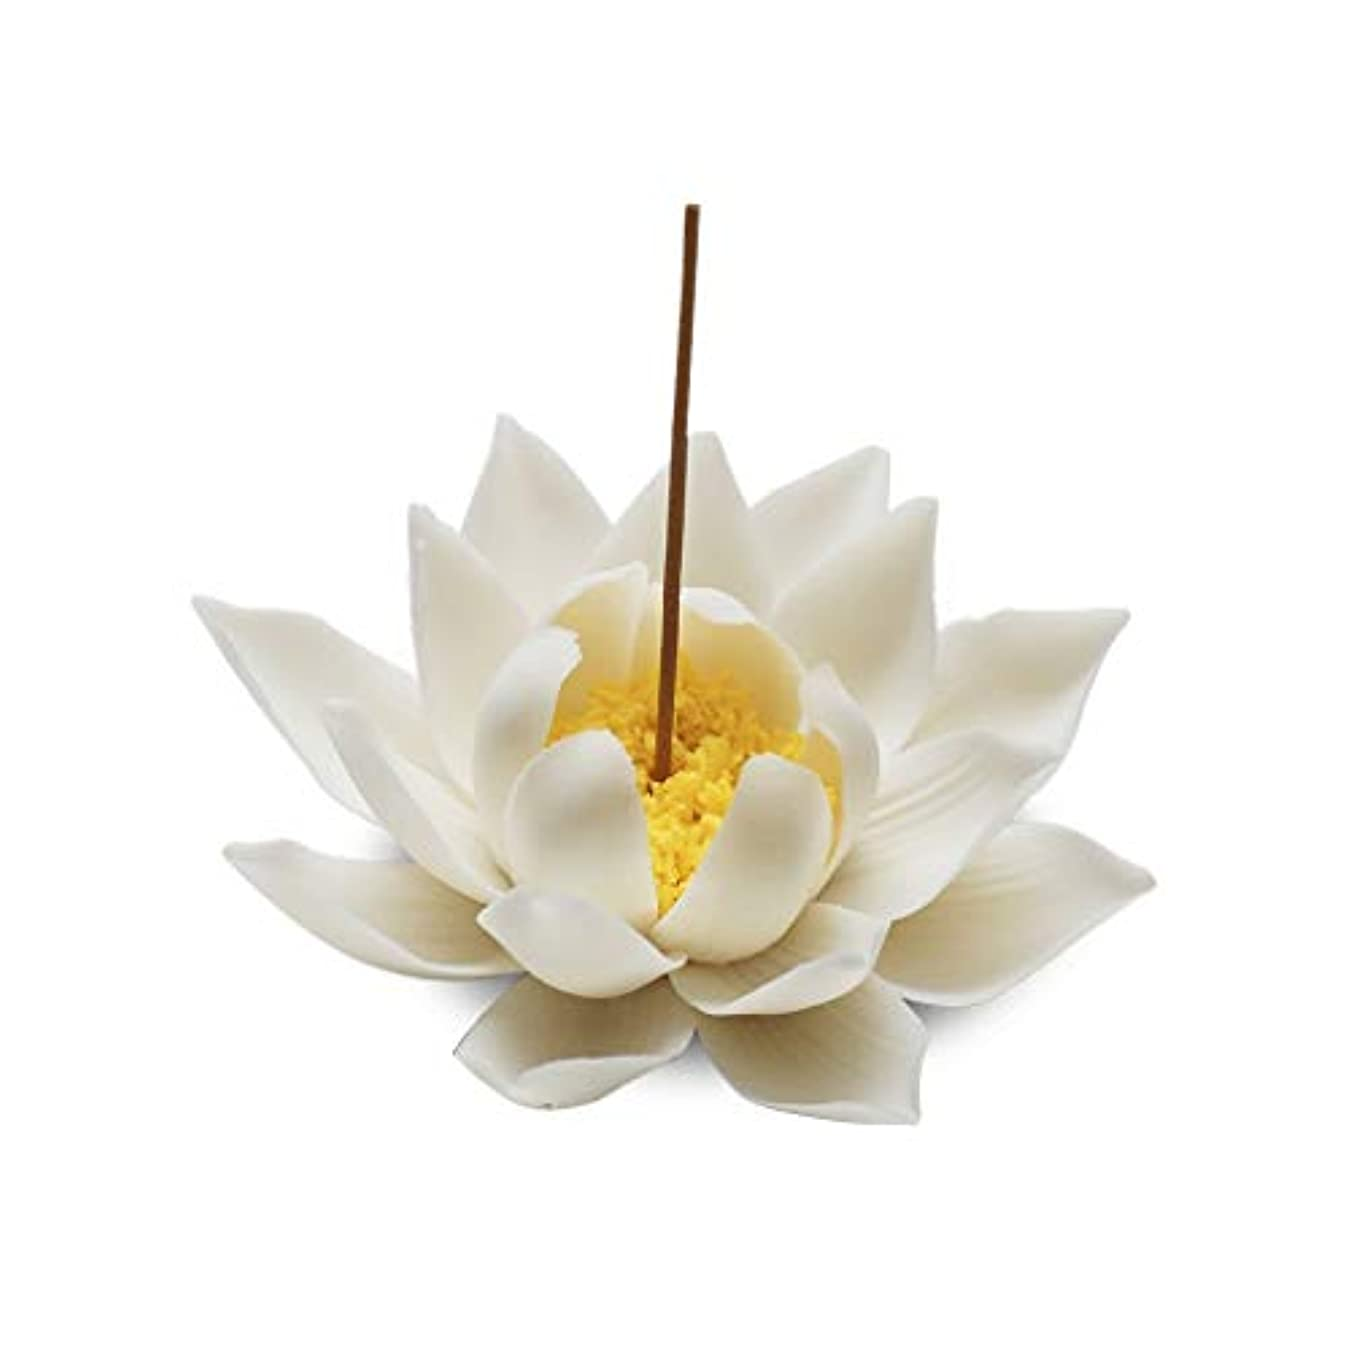 機会牛肉熟した芳香器?アロマバーナー セラミック蓮香バーナー家の装飾香スティックホルダー仏教アロマセラピーホームリビングルームの茶屋 芳香器?アロマバーナー (Color : A)